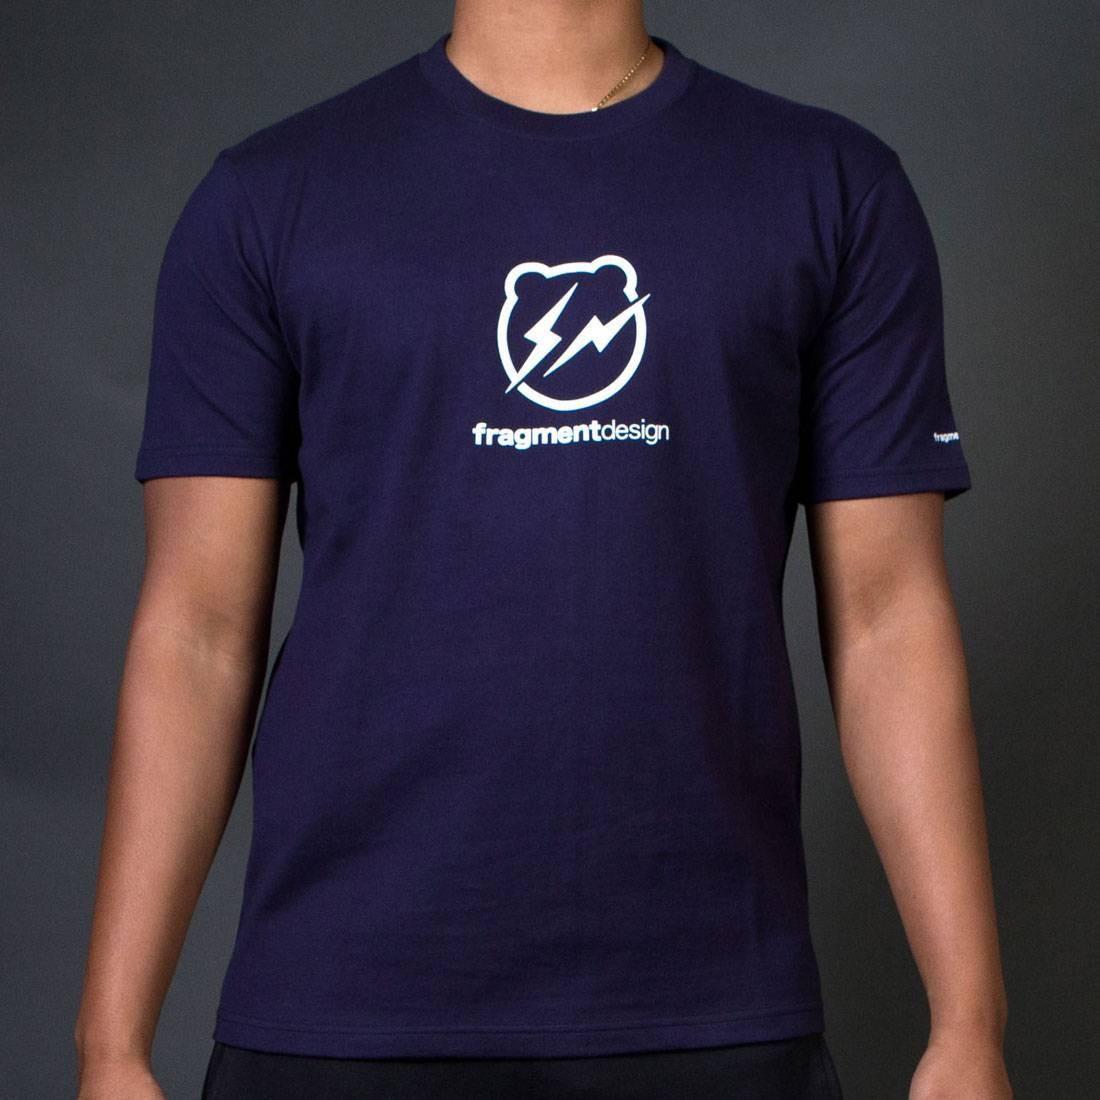 【スーパーセール中! 6/11深夜2時迄】ロゴ Tシャツ Be@rtee メンズファッション トップス カットソー メンズ 【 Medicom X Fragment Design Men Be@rtee Logo Tee (navy) 】 Navy